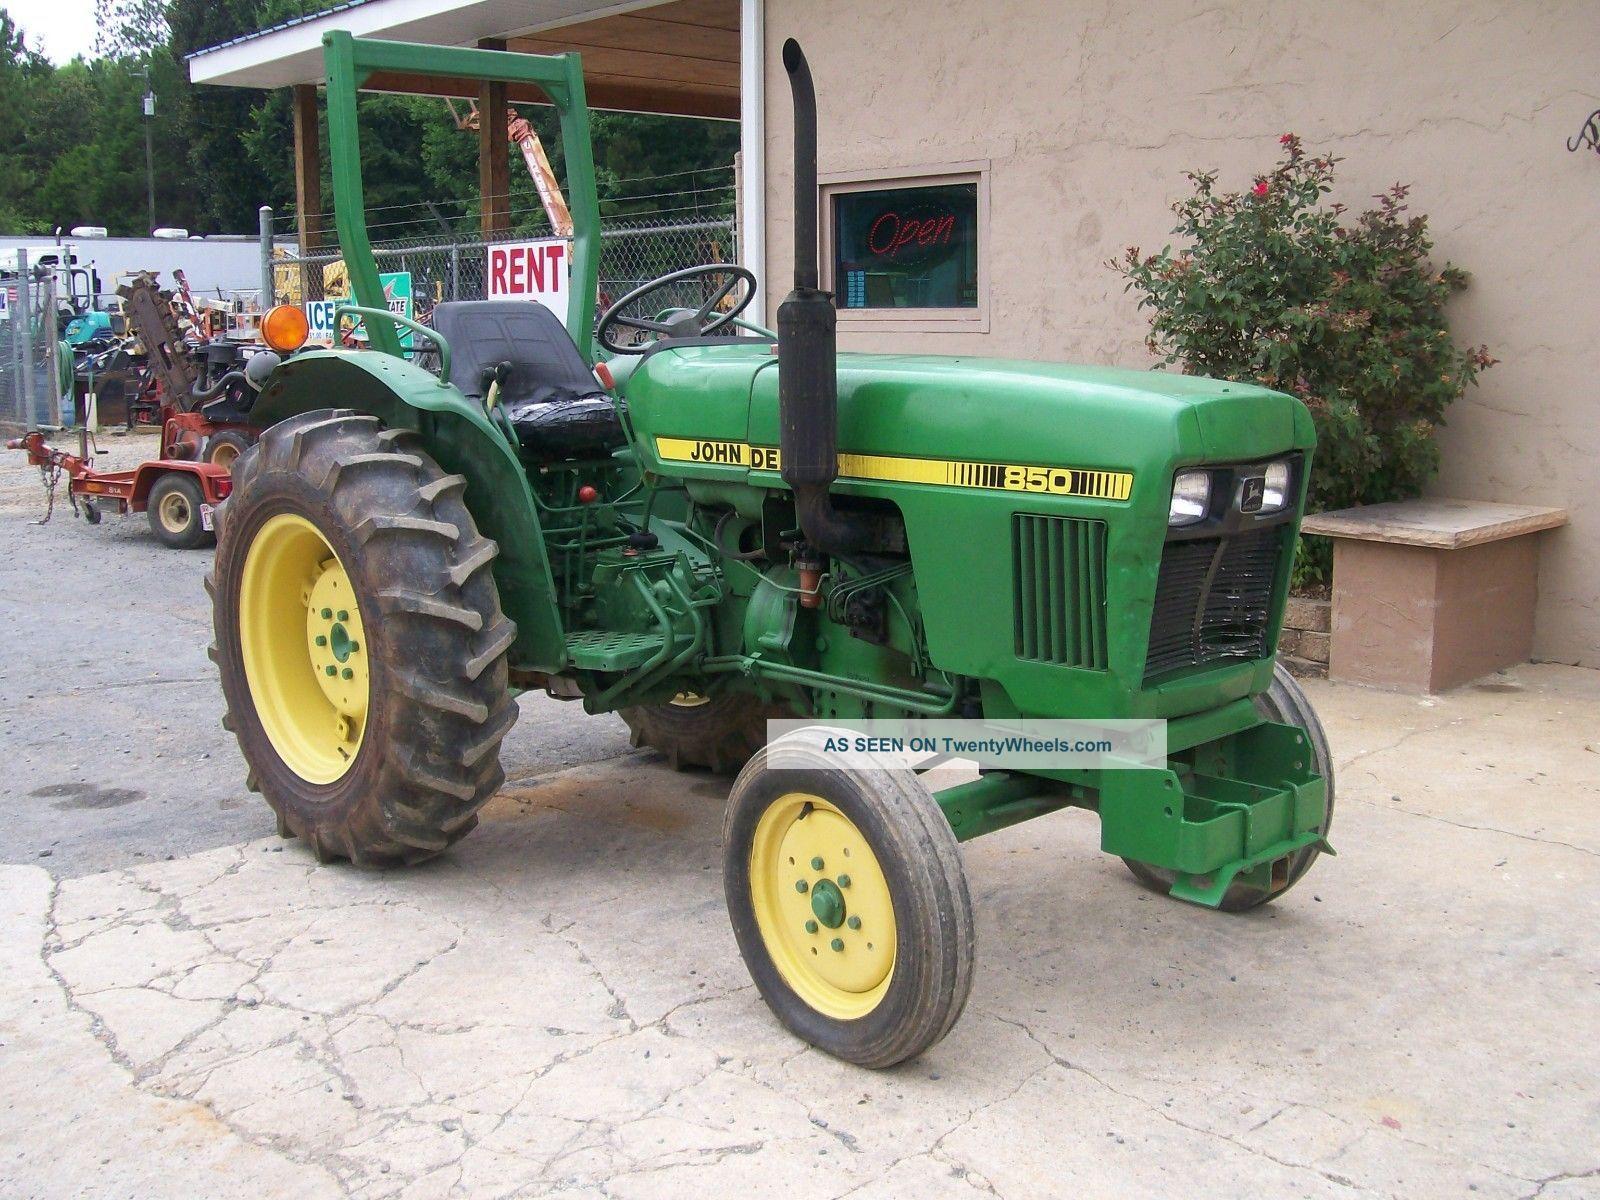 John Deere 850 Diesel Tractor : John deere tractor wd